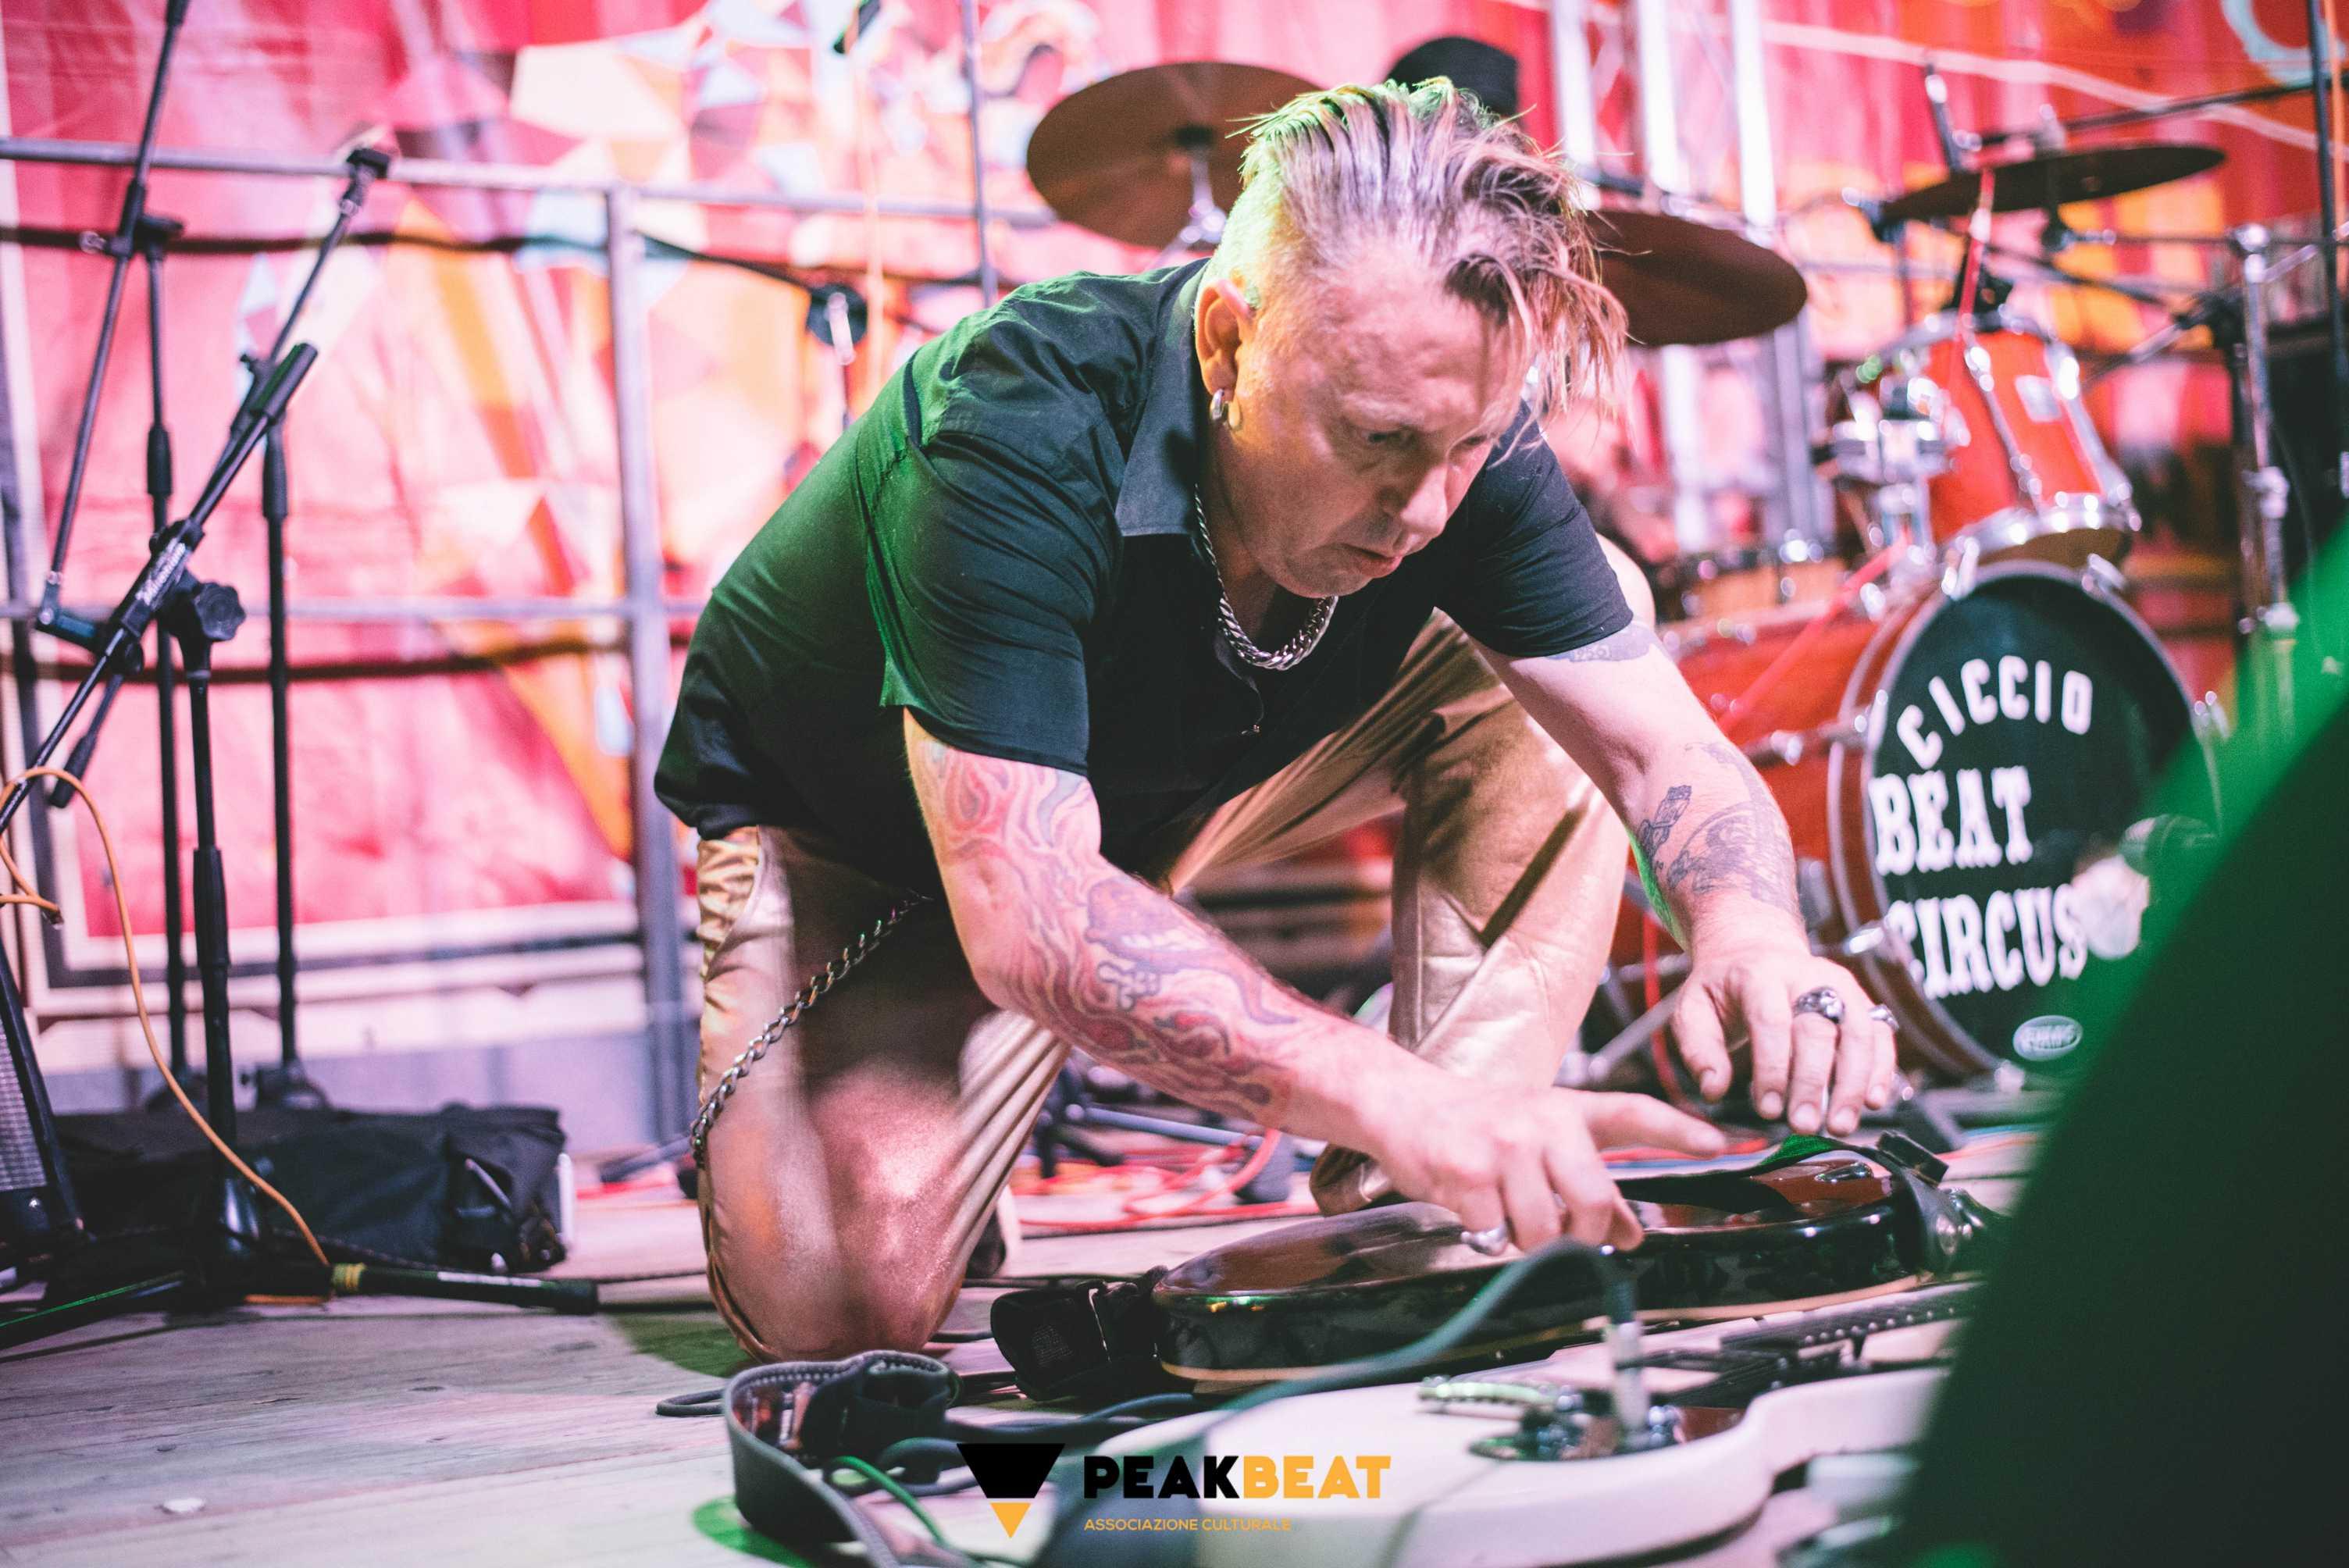 Beat Circus 2019 - 334